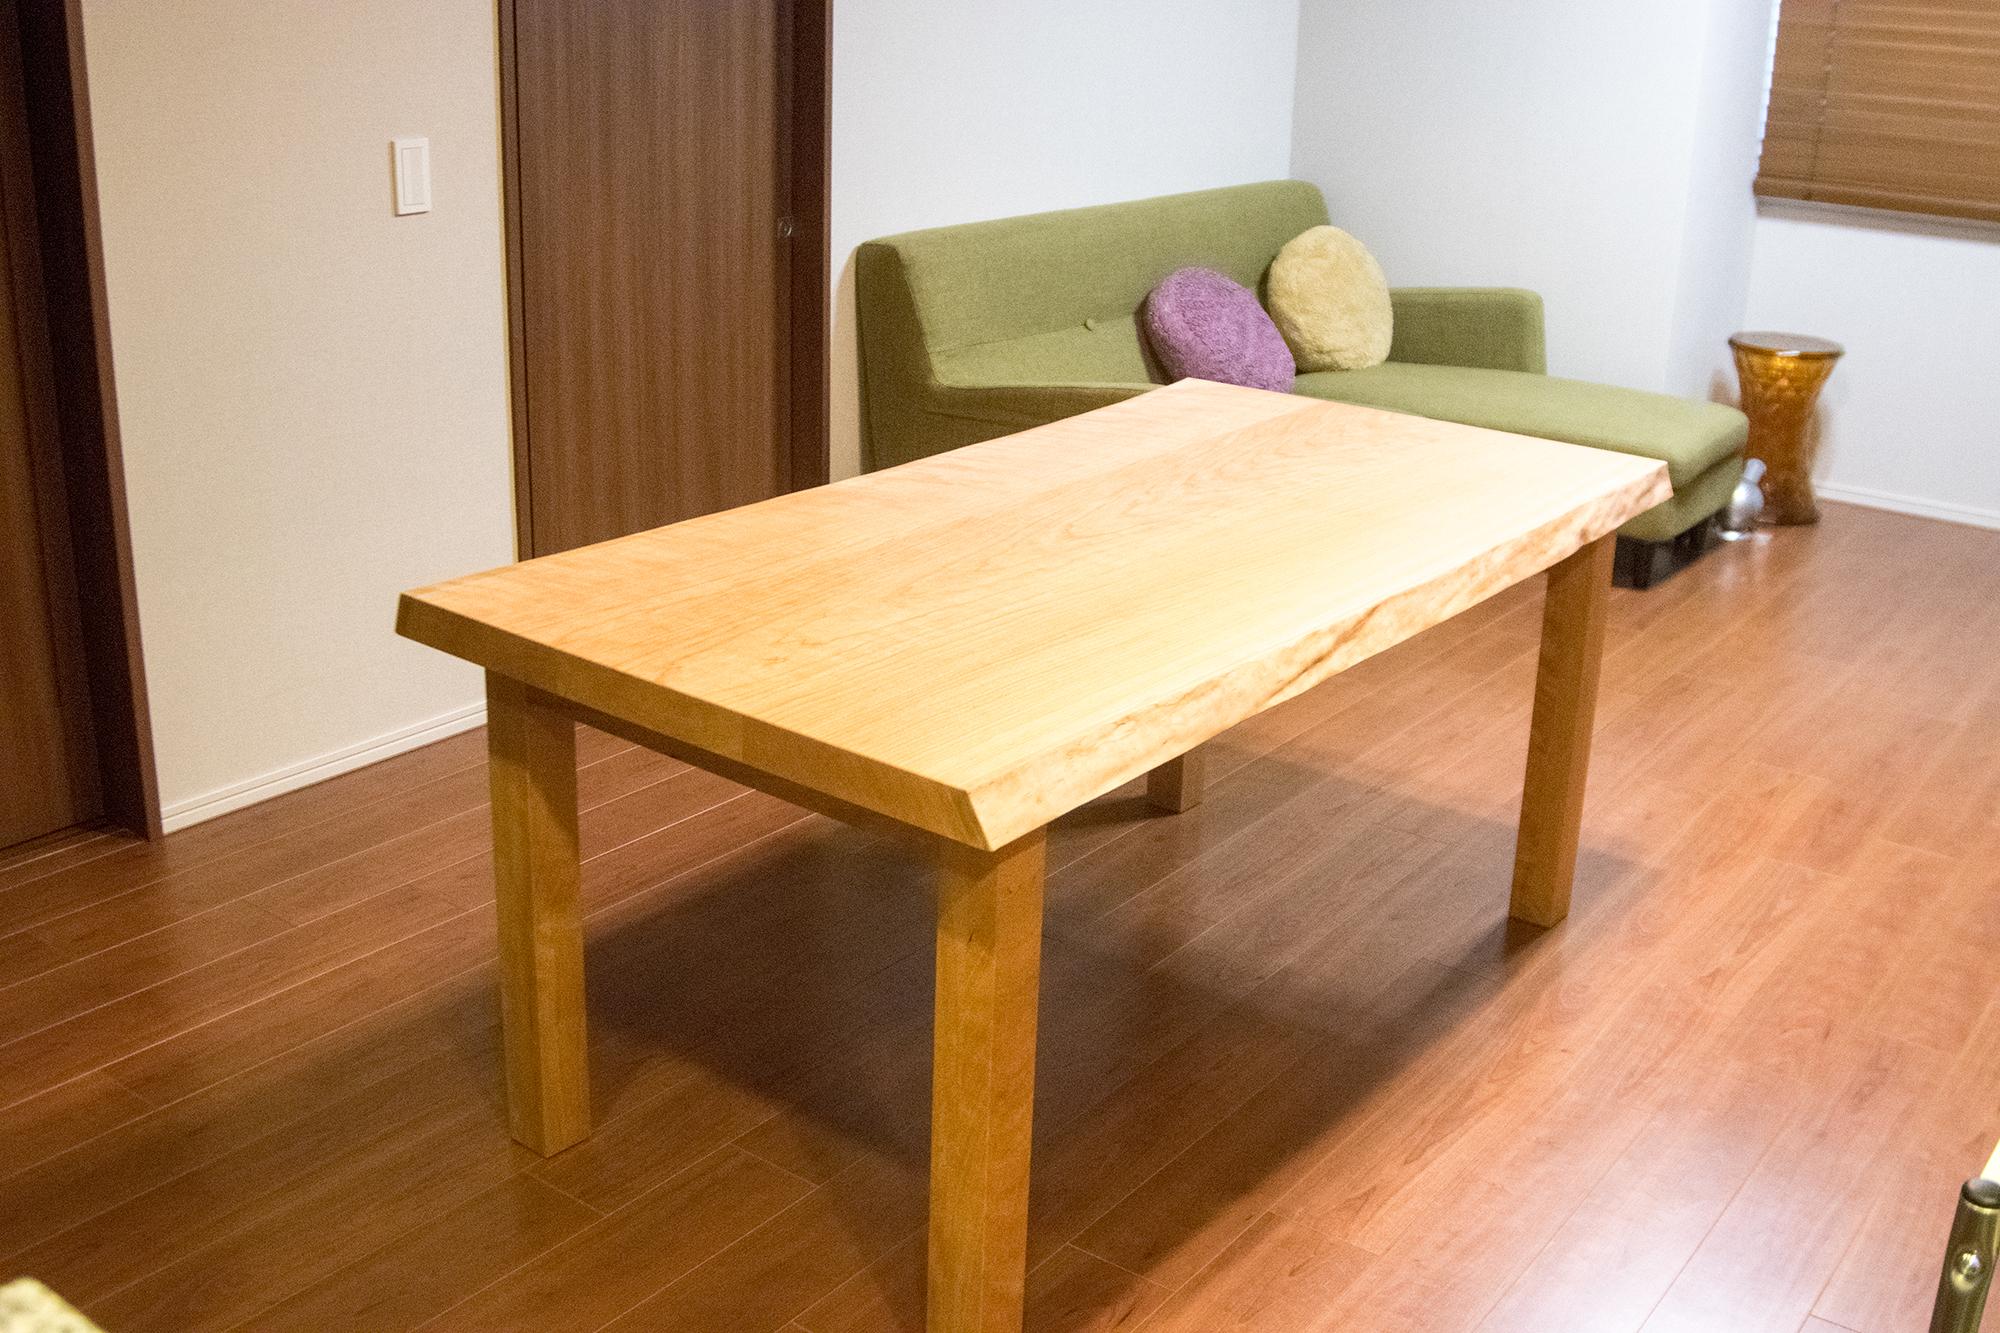 ミミ付きアメリカンチェリー三枚接ぎ無垢天板テーブル